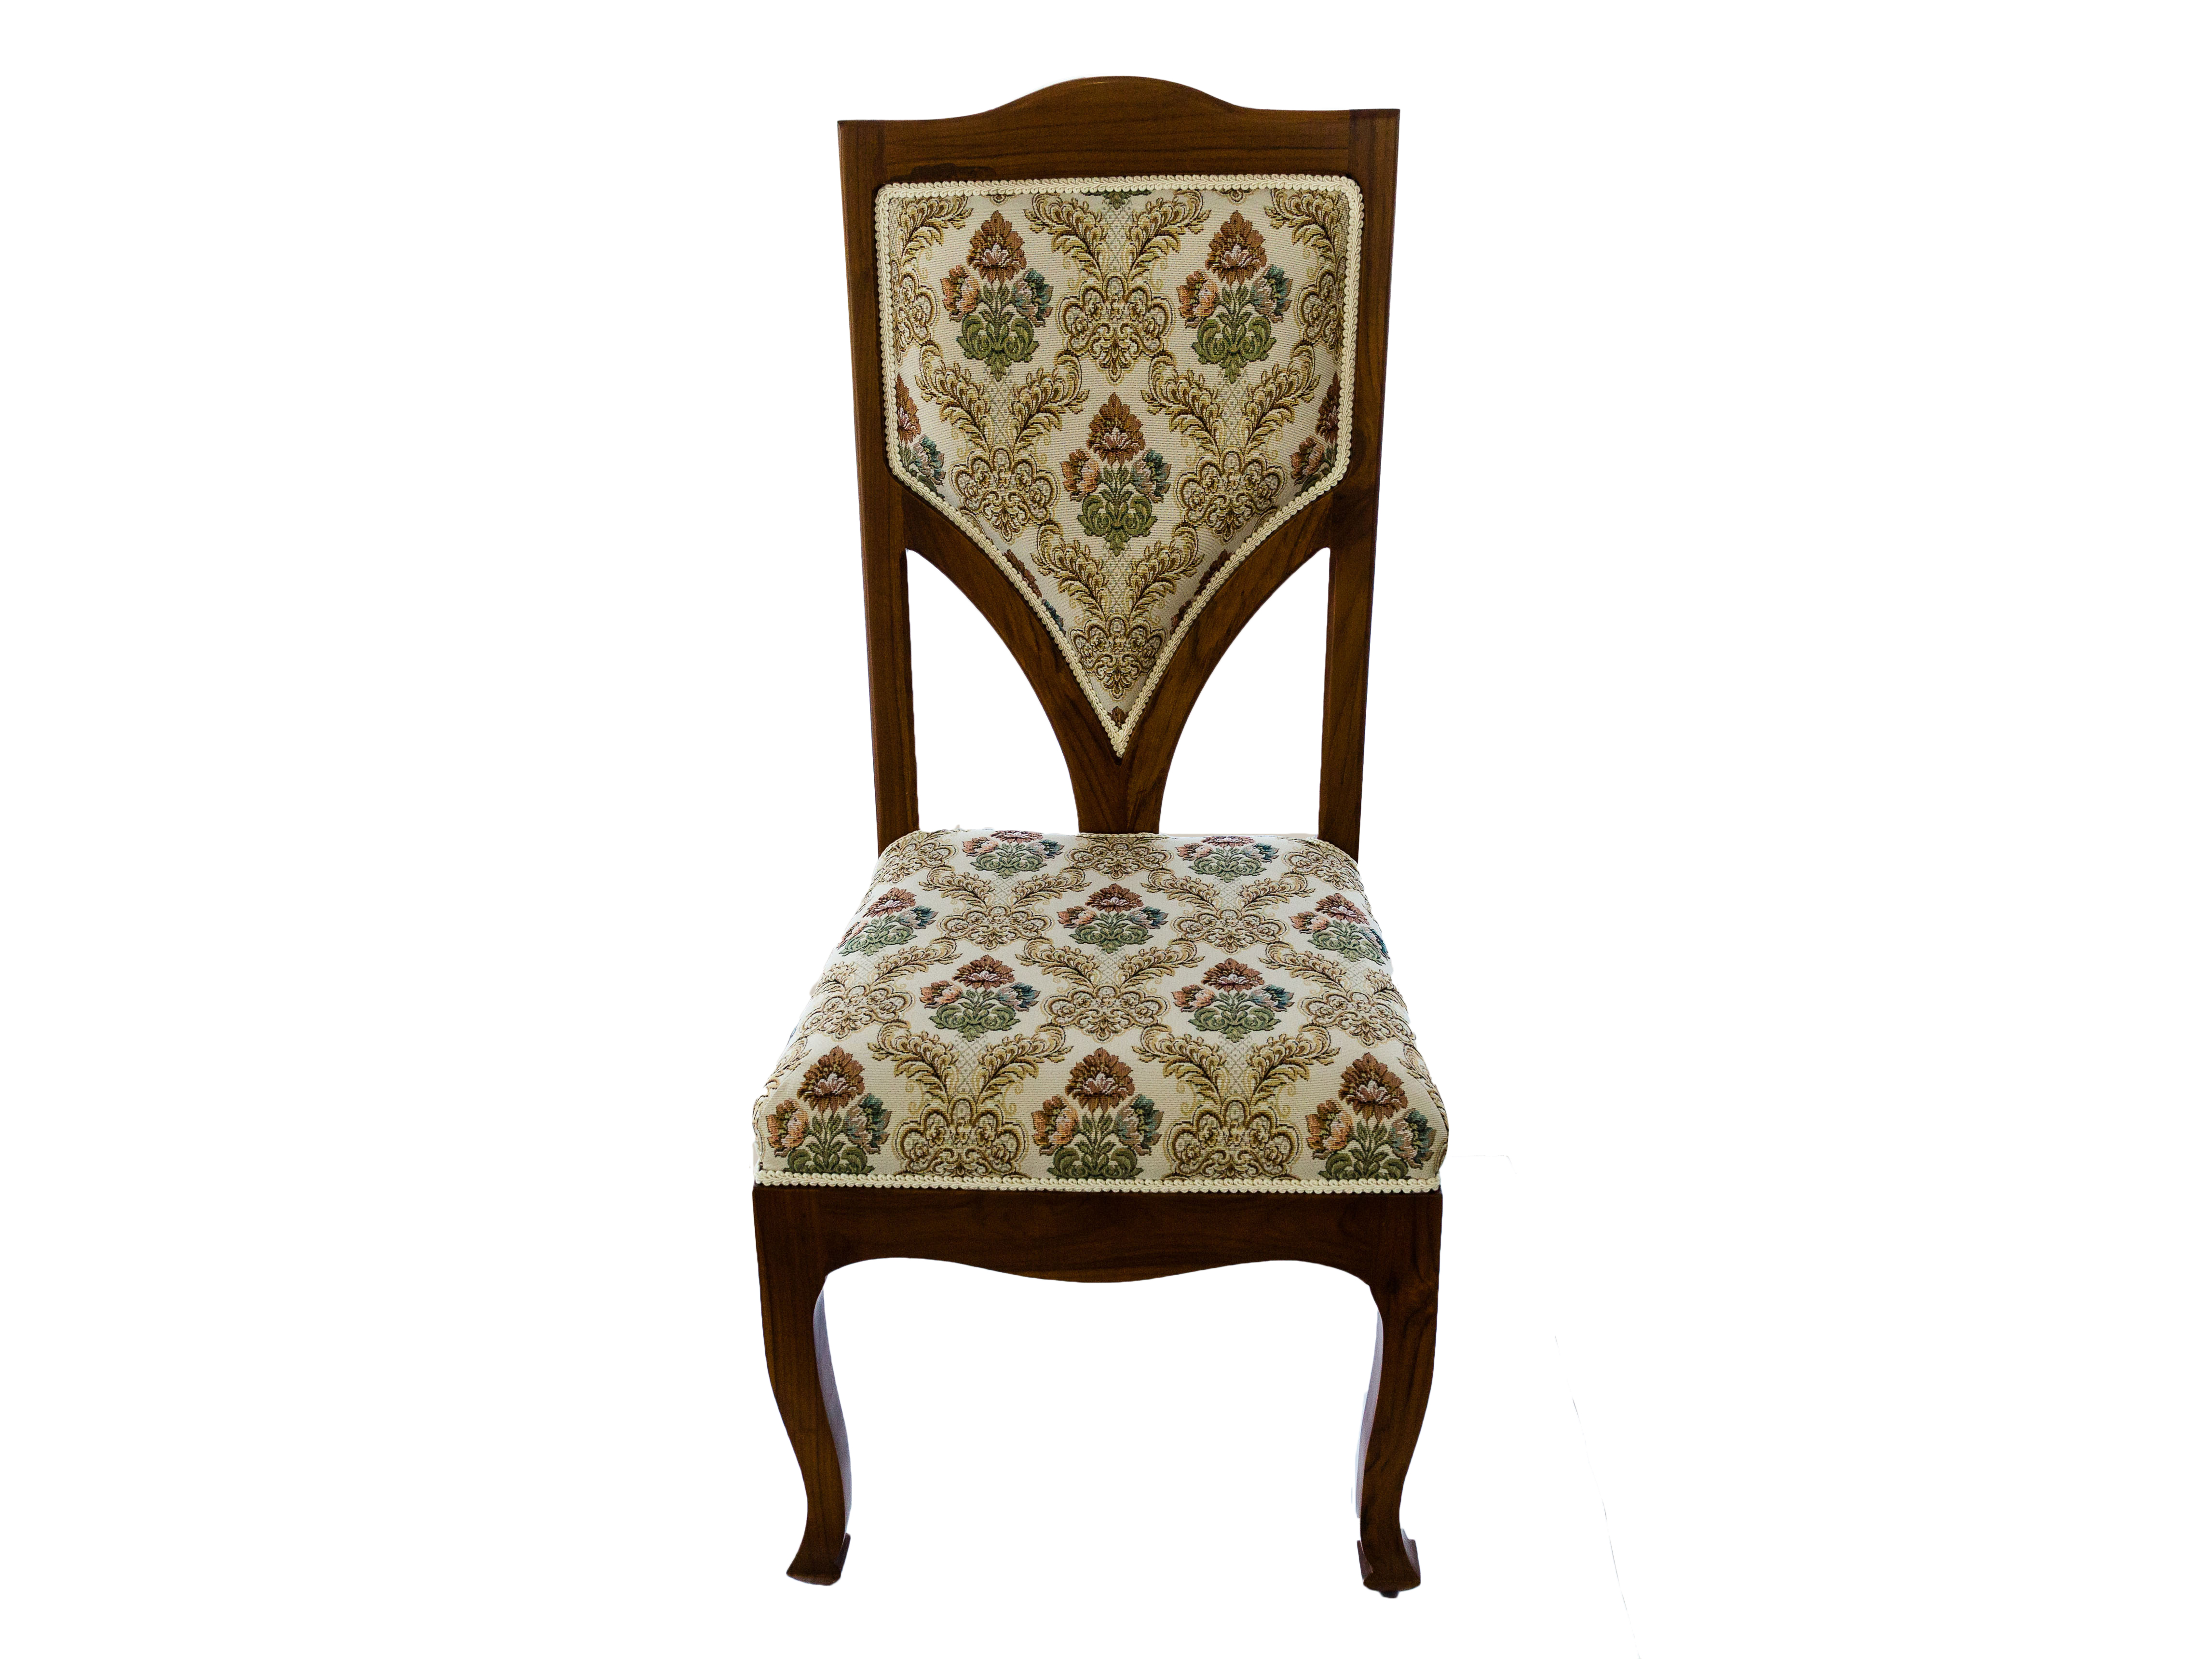 เก้าอี้ไม้สักหุ้มผ้าหลุยส์